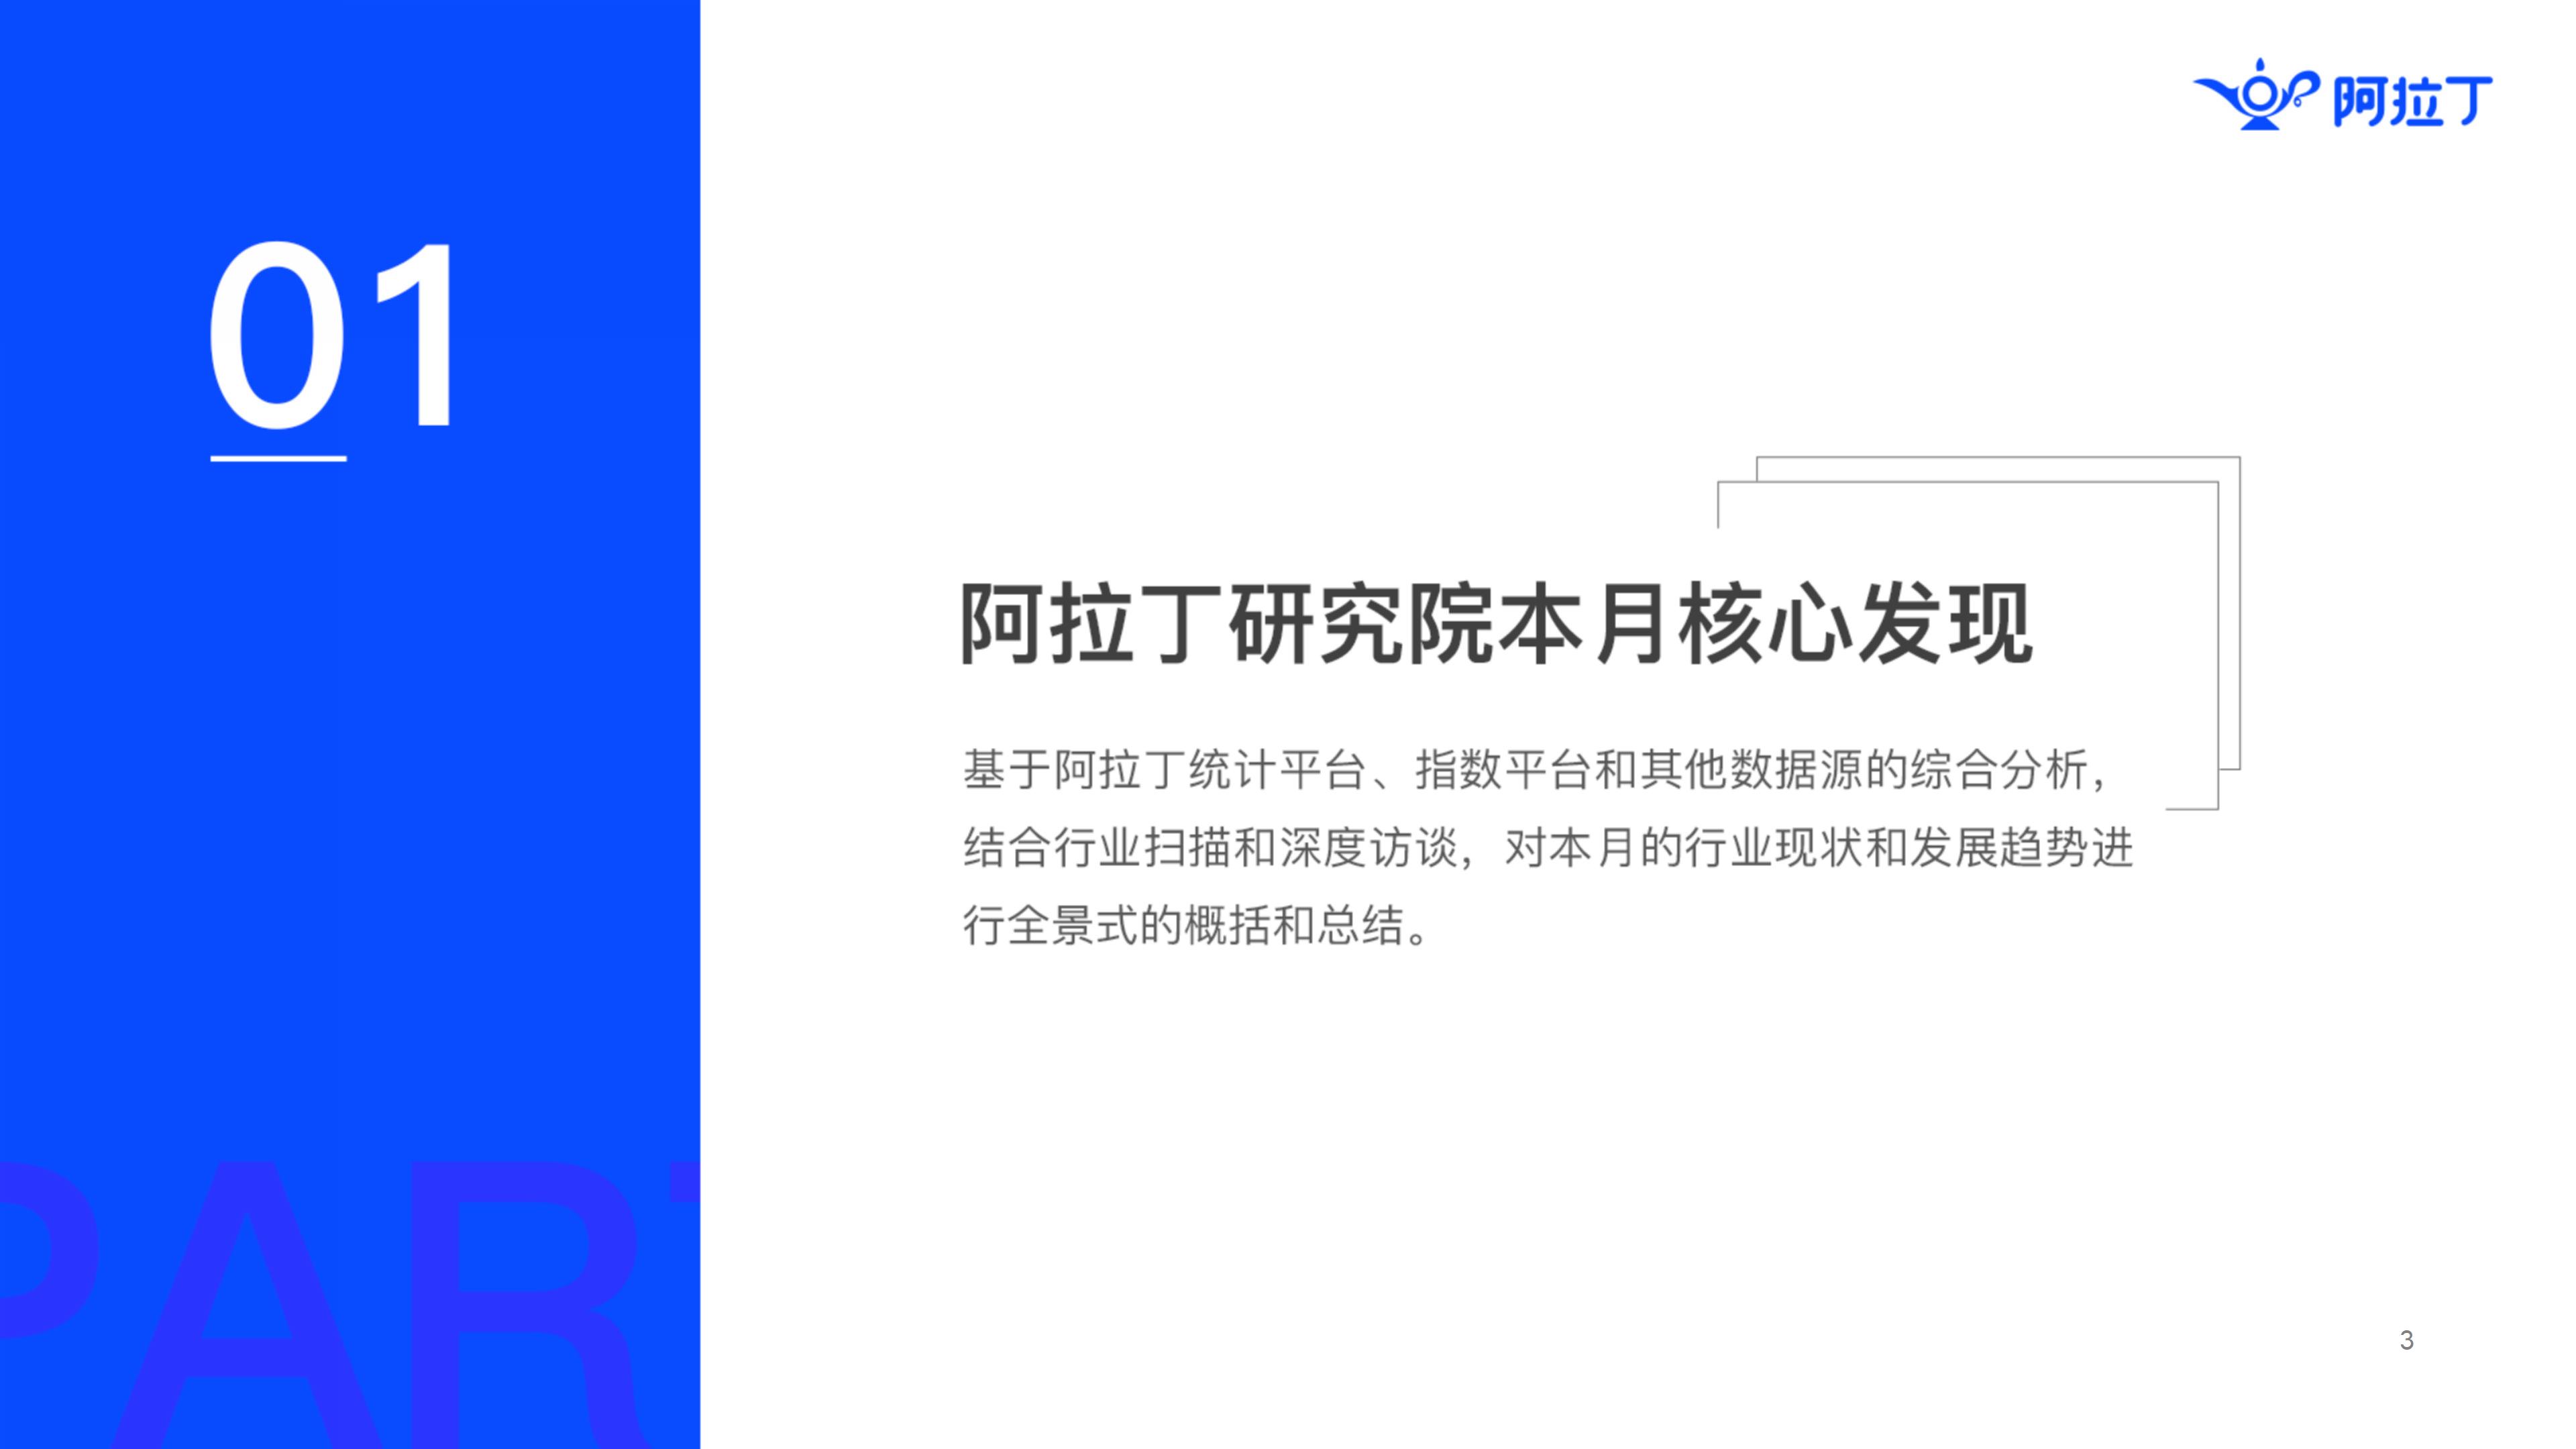 2019年3月中国小程序行业月度报告v5(1)_03.png